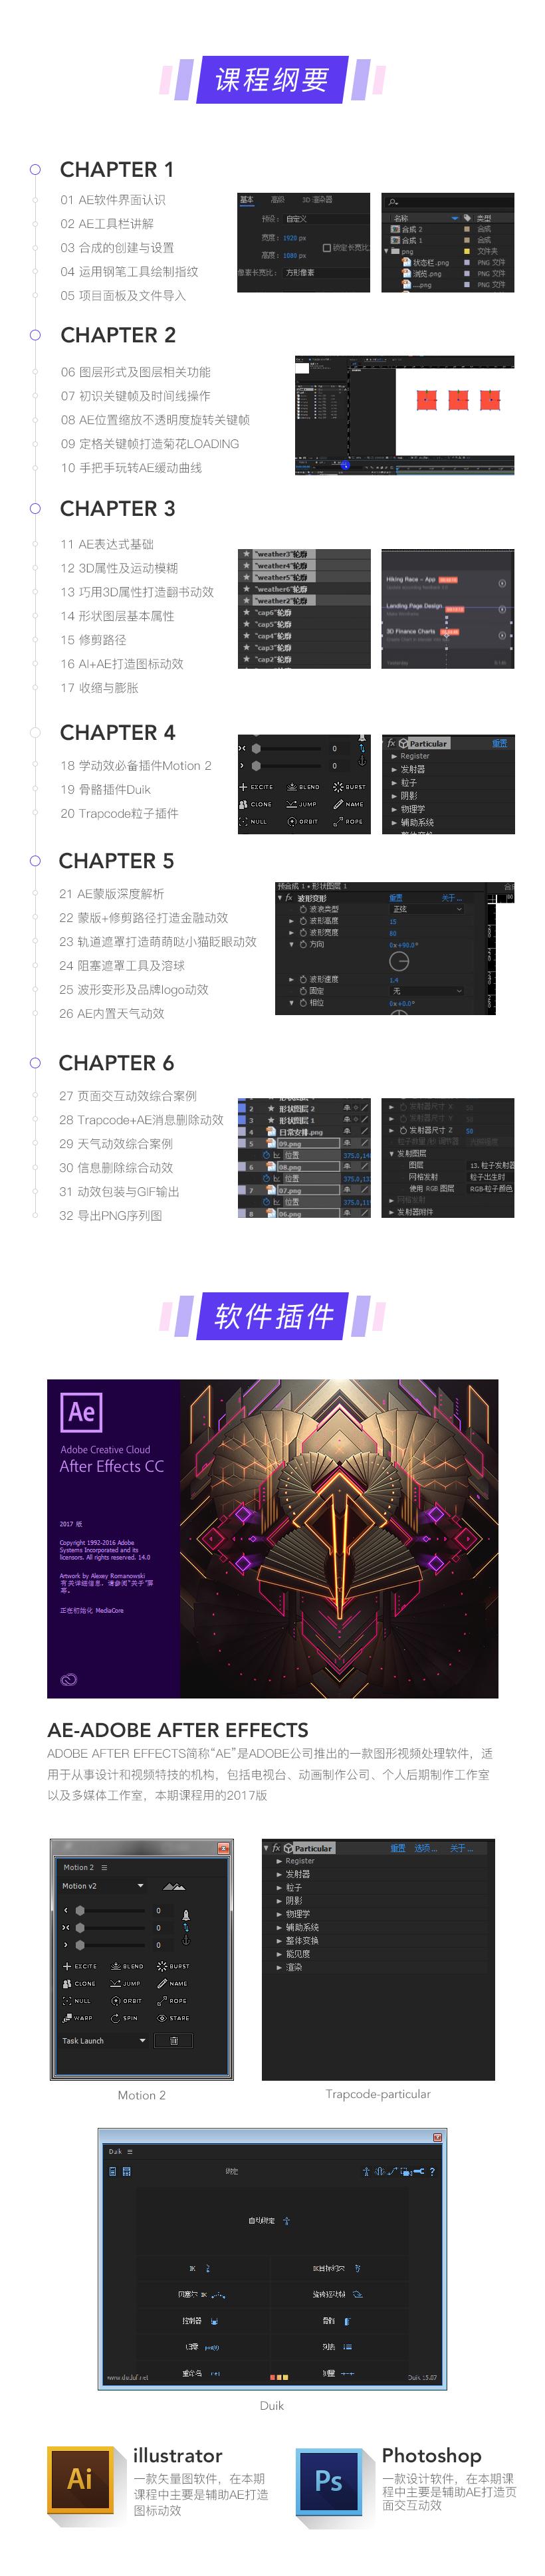 2020淘宝的UI动效班_03.jpg